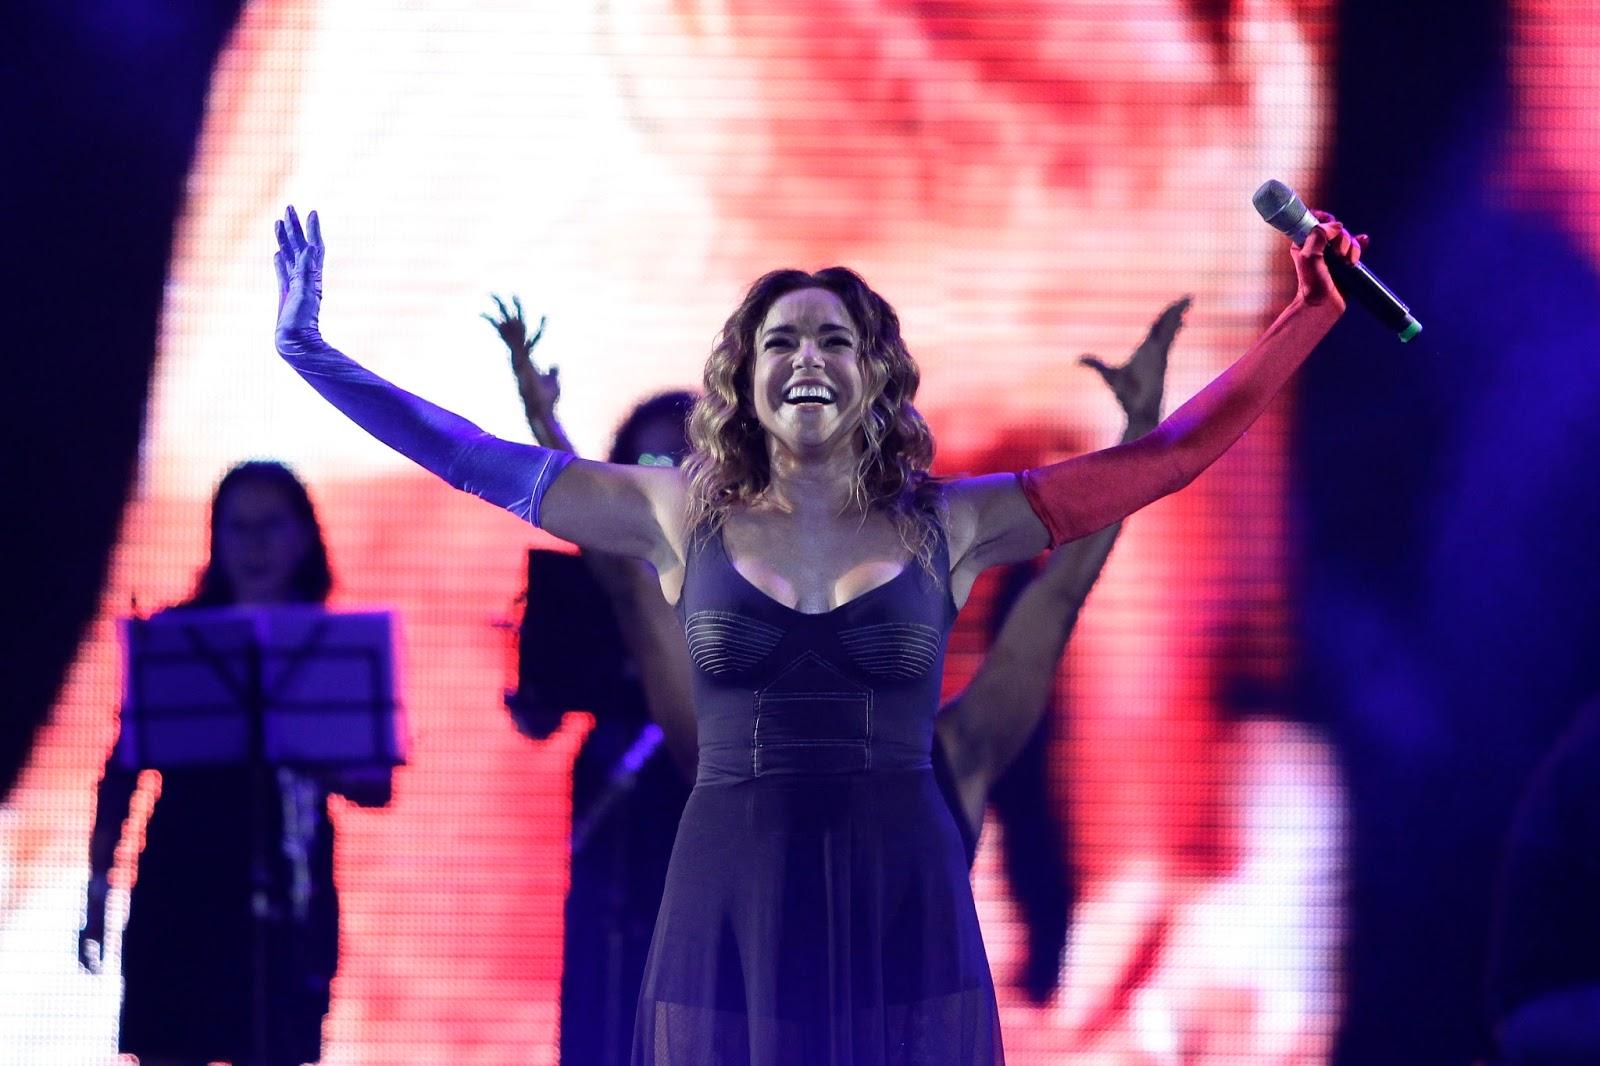 Parada LGBT de SP terá Anitta, Daniela Mercury, Naiara Azevedo e espera 3 milhões